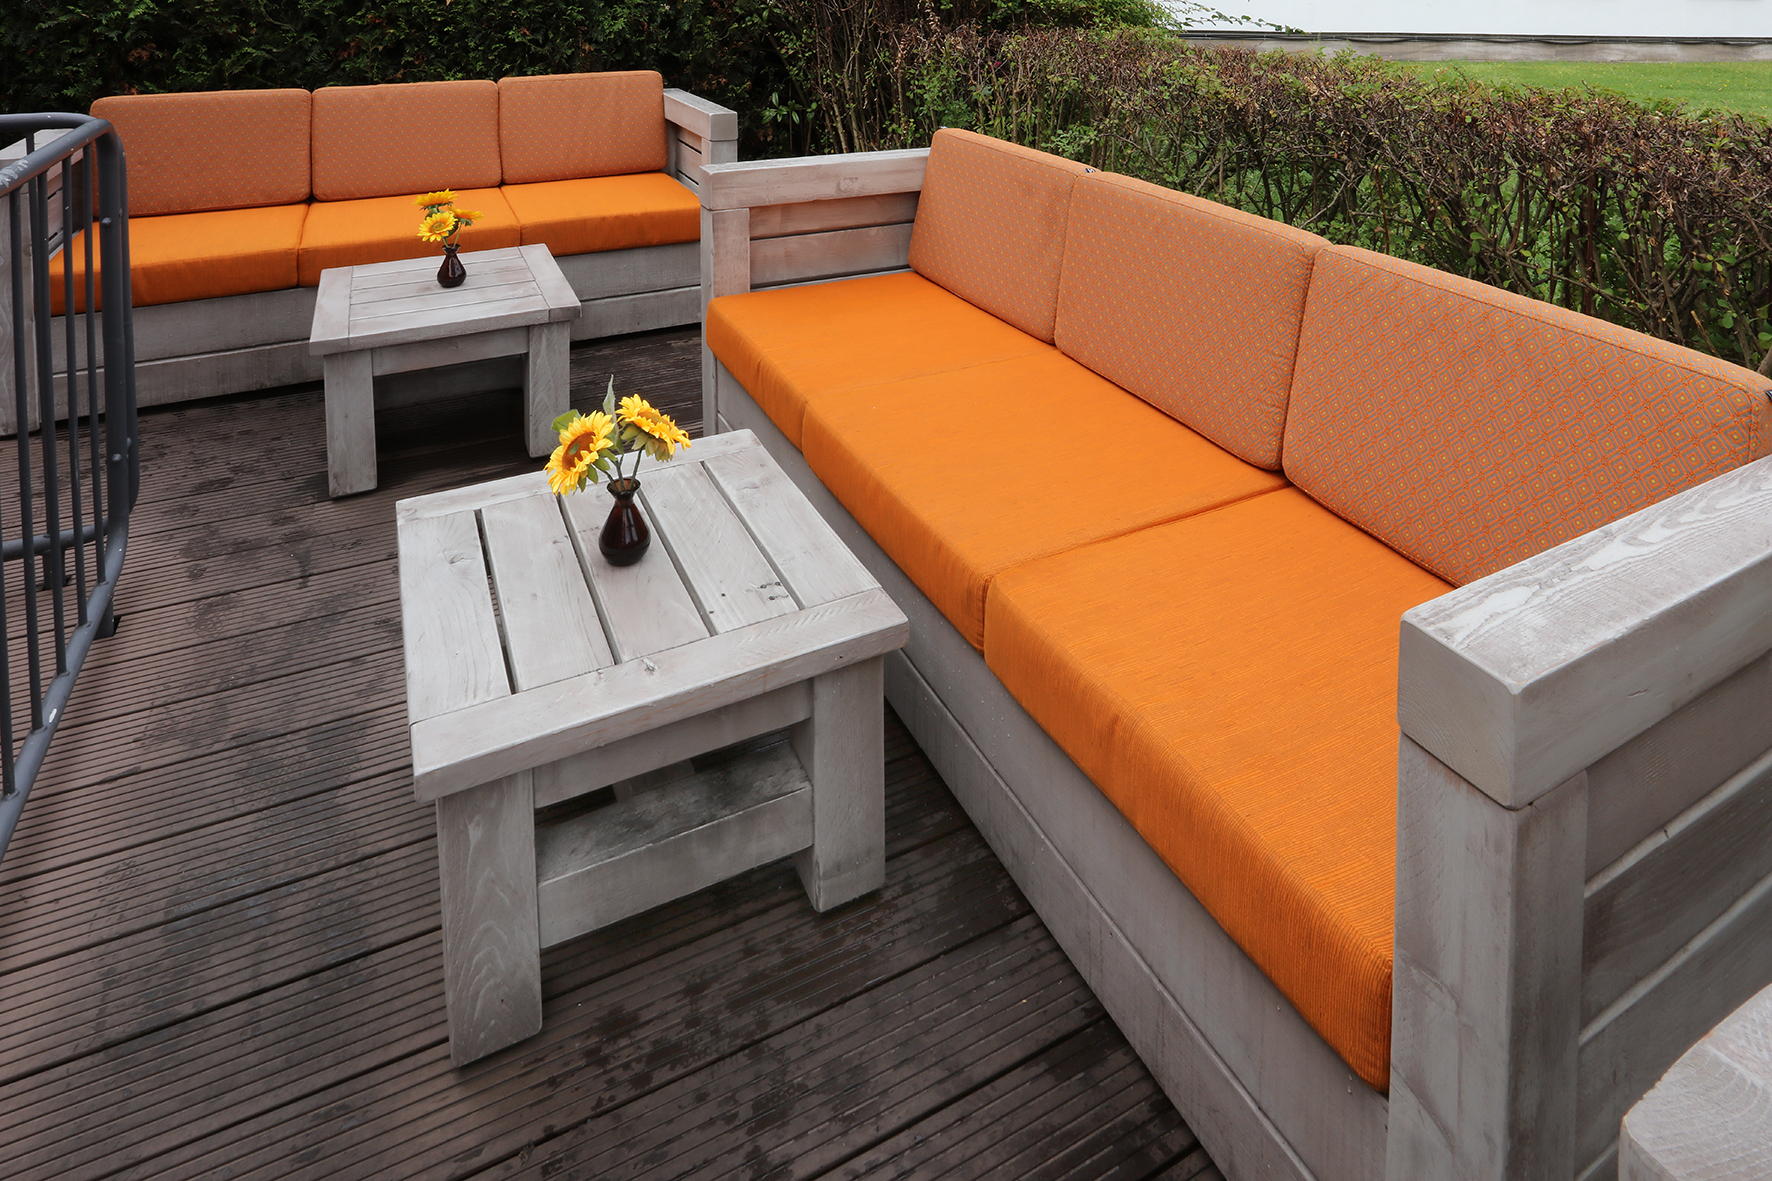 hilfreiche tipps zur pflege von outdoor m beln wasser und b rste reicht. Black Bedroom Furniture Sets. Home Design Ideas